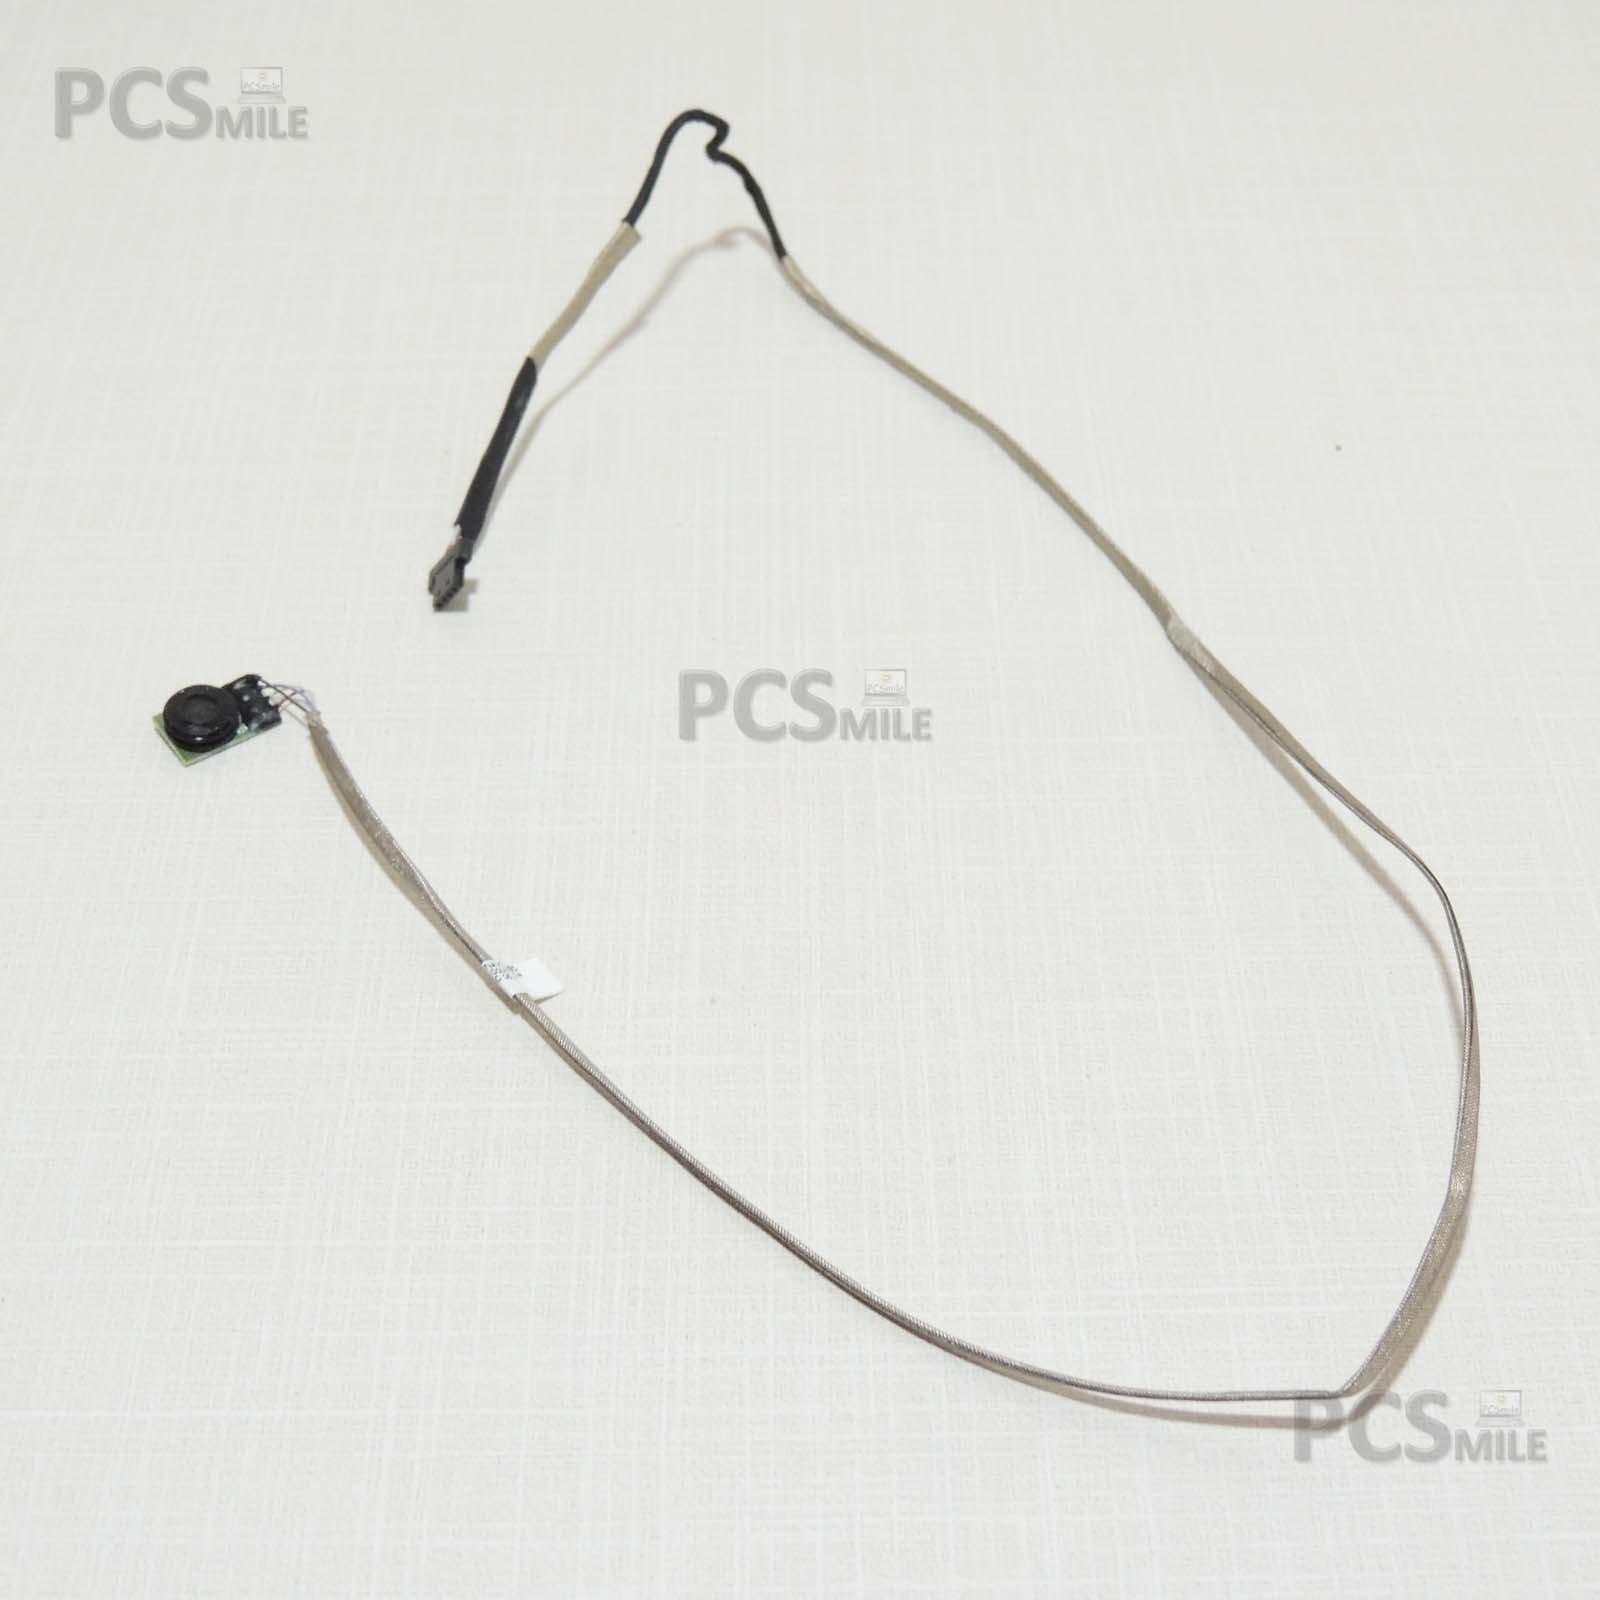 Microfono originale Acer Aspire One D260 CY100005Q00M2 mic interno